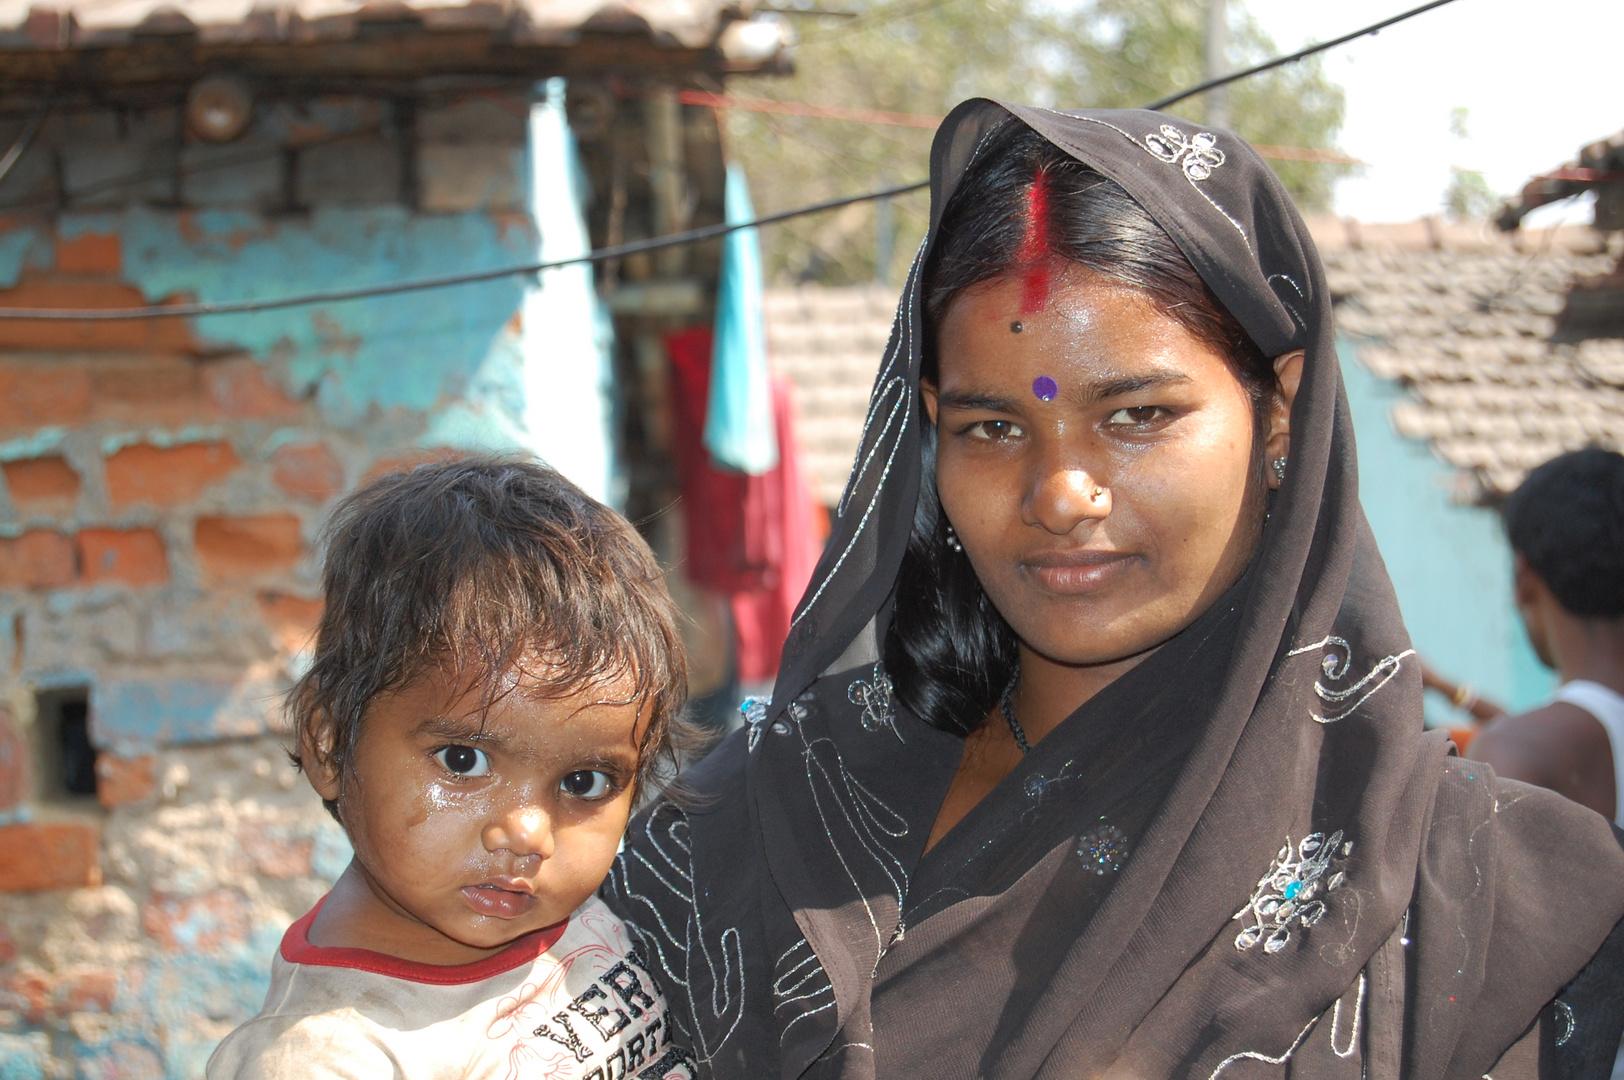 Die Schöne aus dem Slum